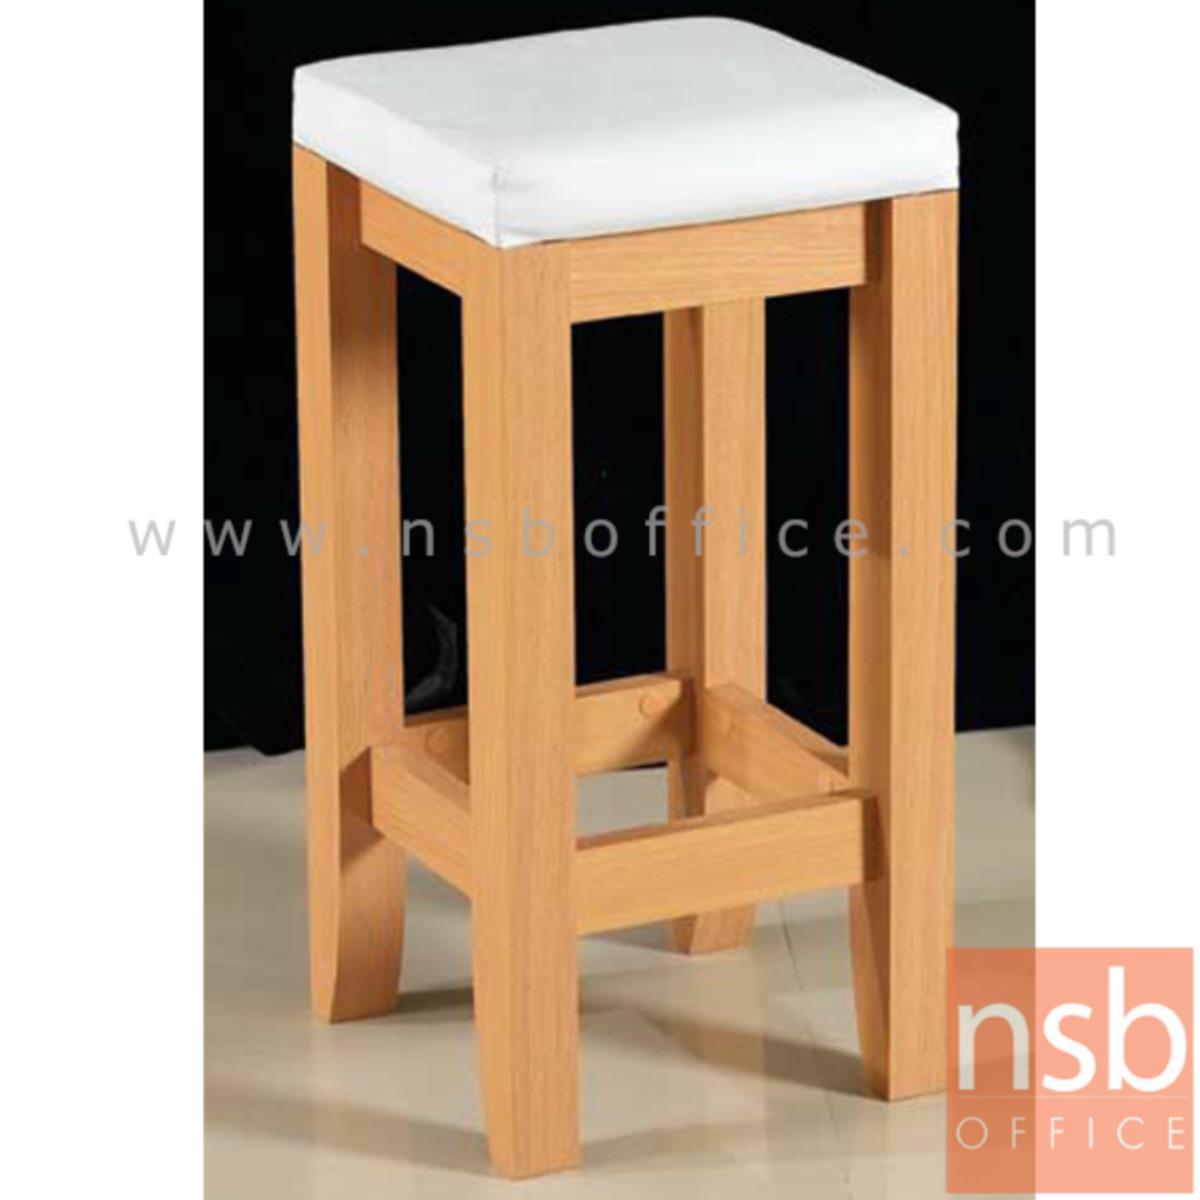 K03A019:เก้าอี้เคาน์เตอร์บาร์ห้องครัว รุ่น Wisconsin 7